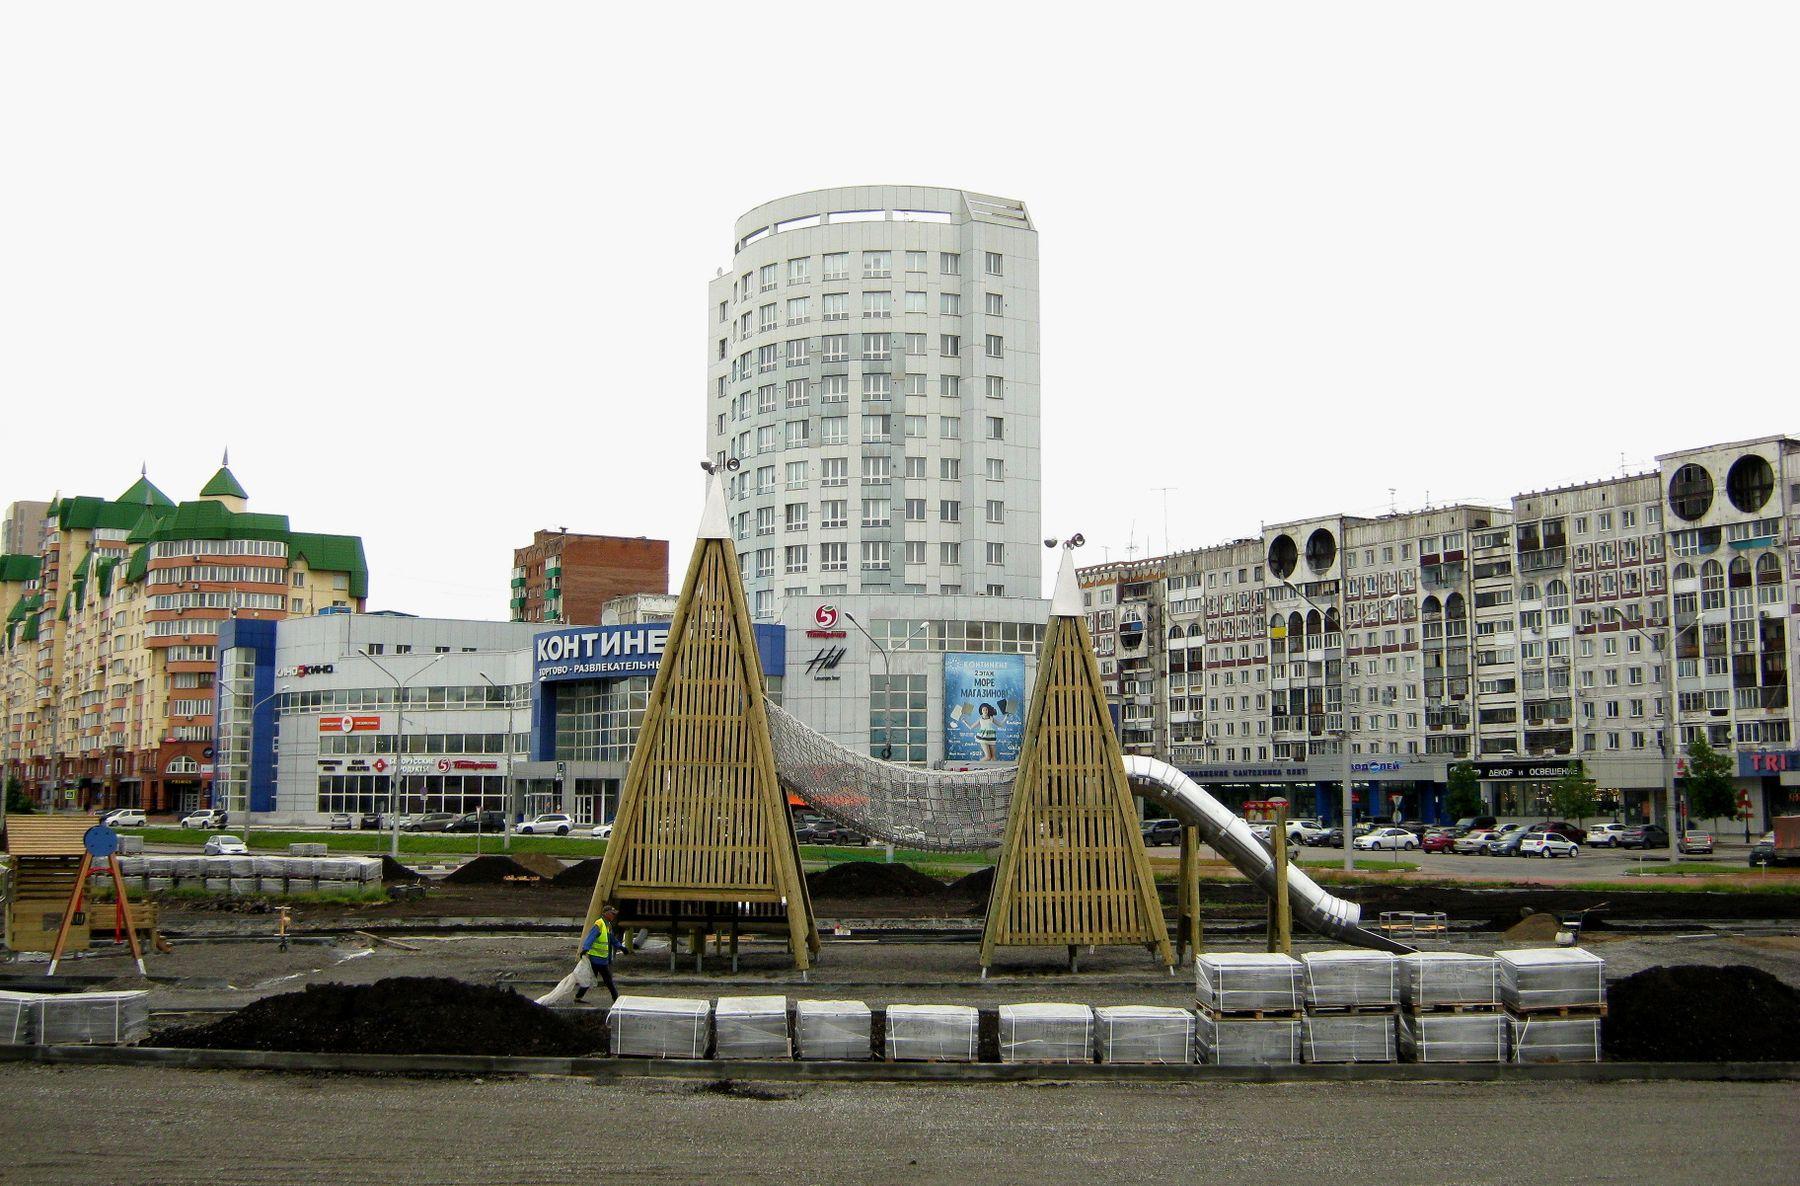 Детская площадка. Путешествия арт жанр архитектура